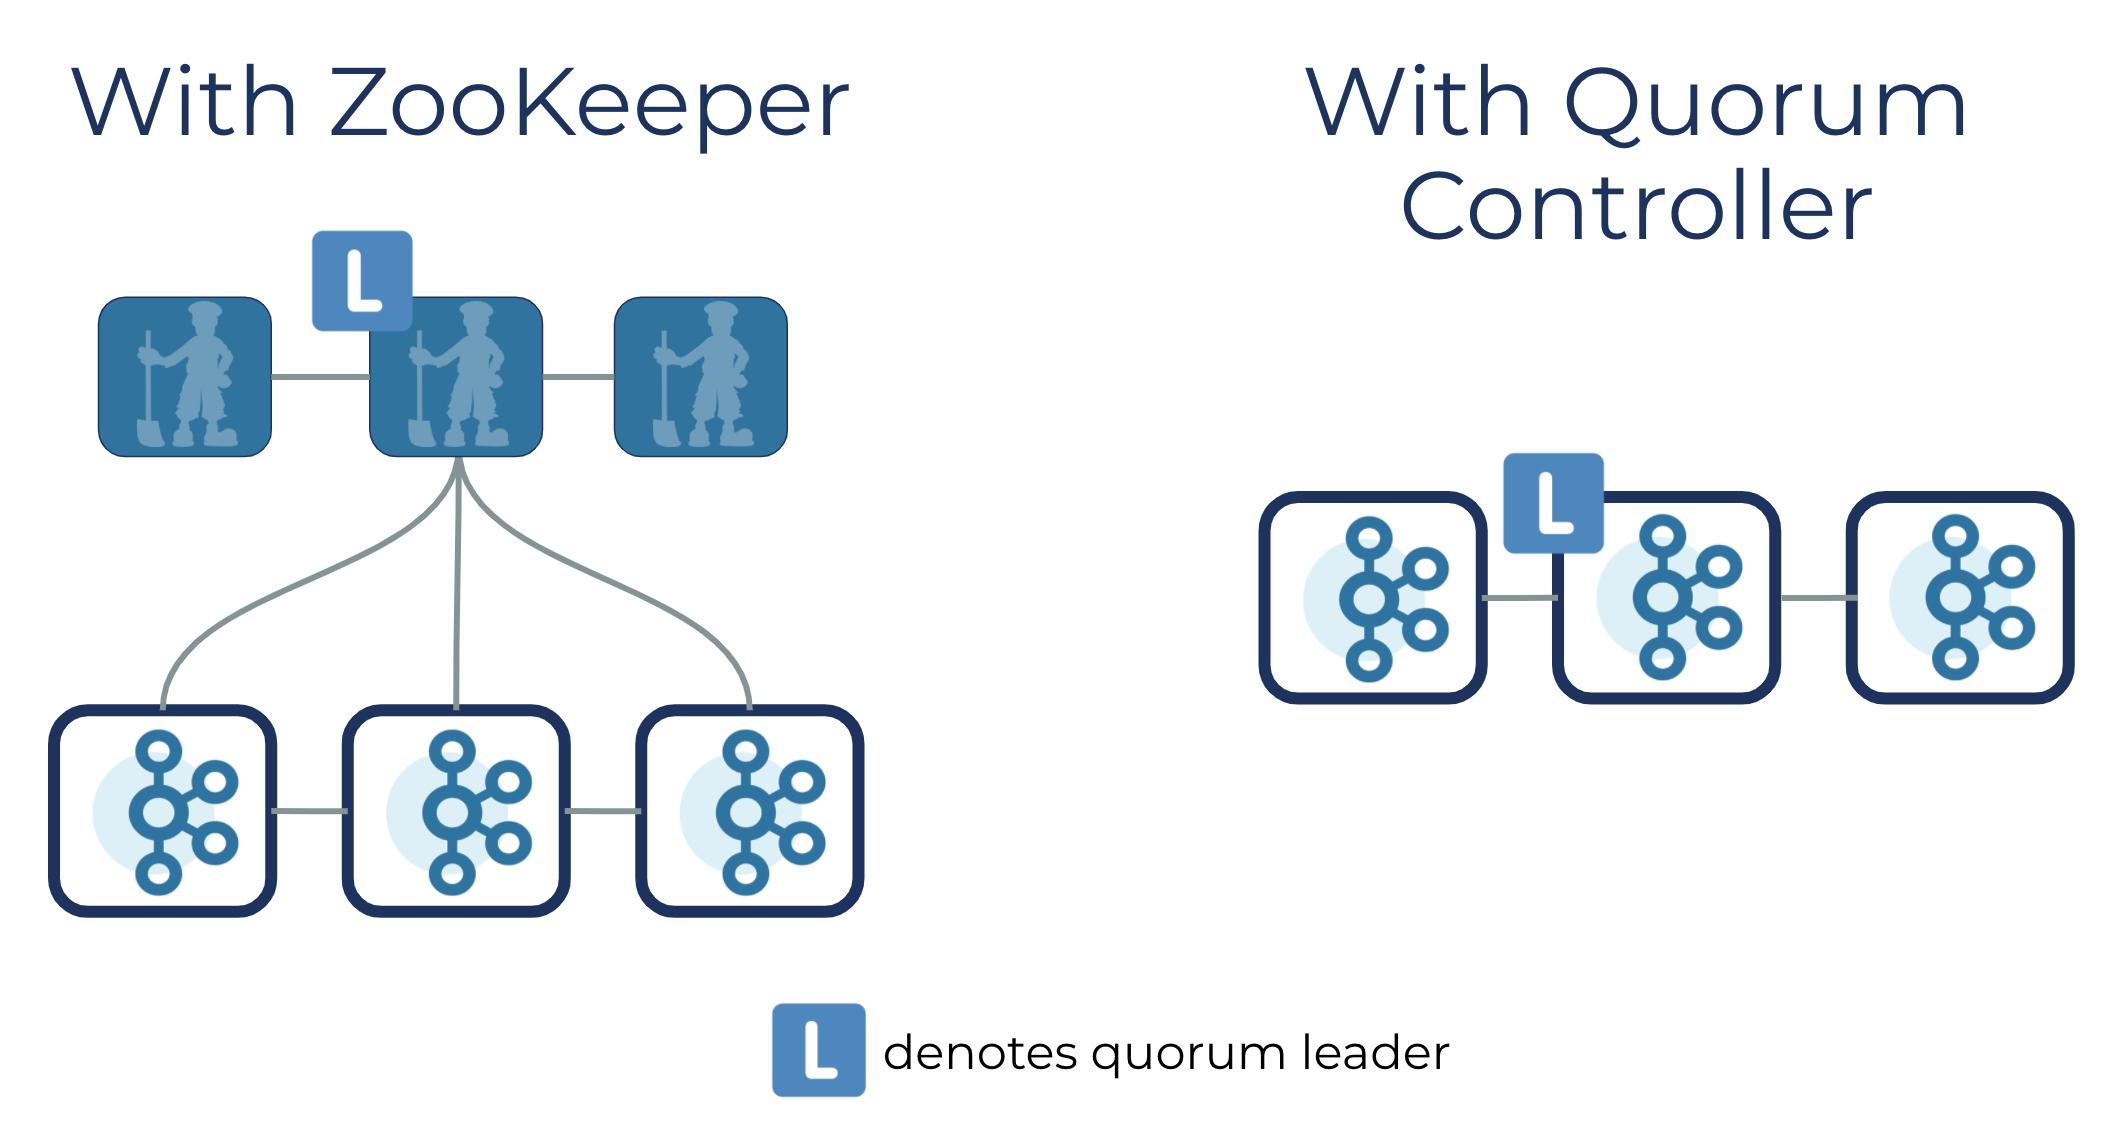 Quorum controller